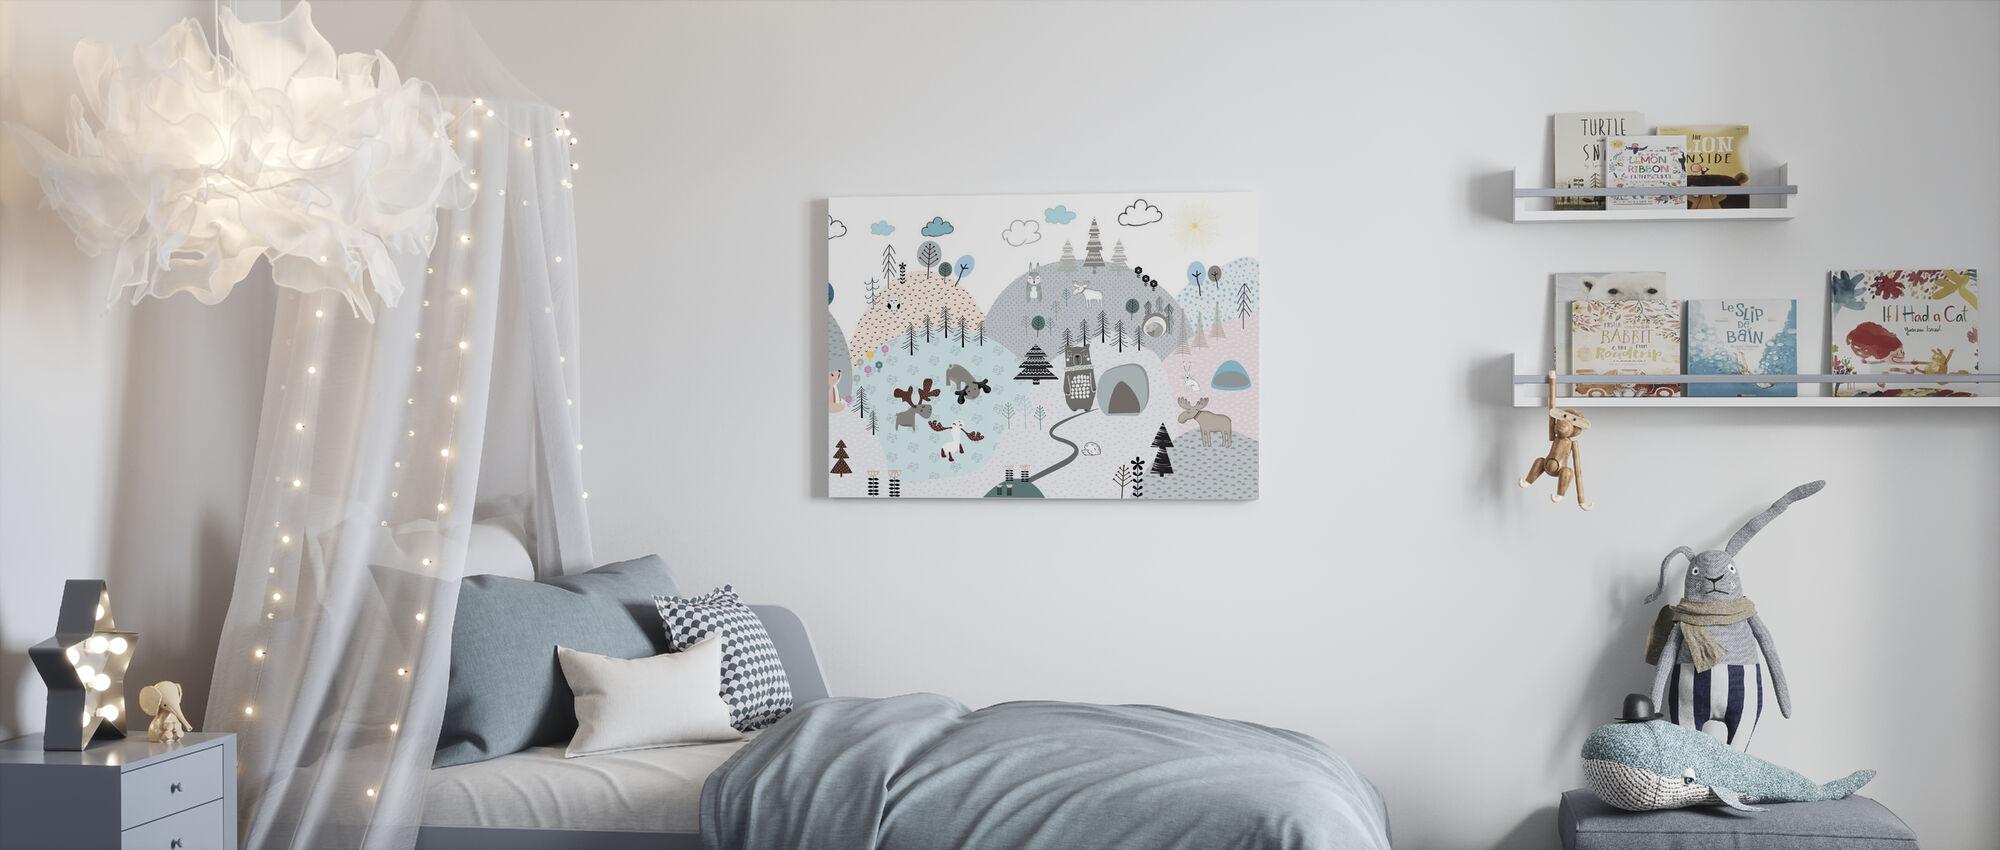 Animal Community II - Canvas print - Kids Room